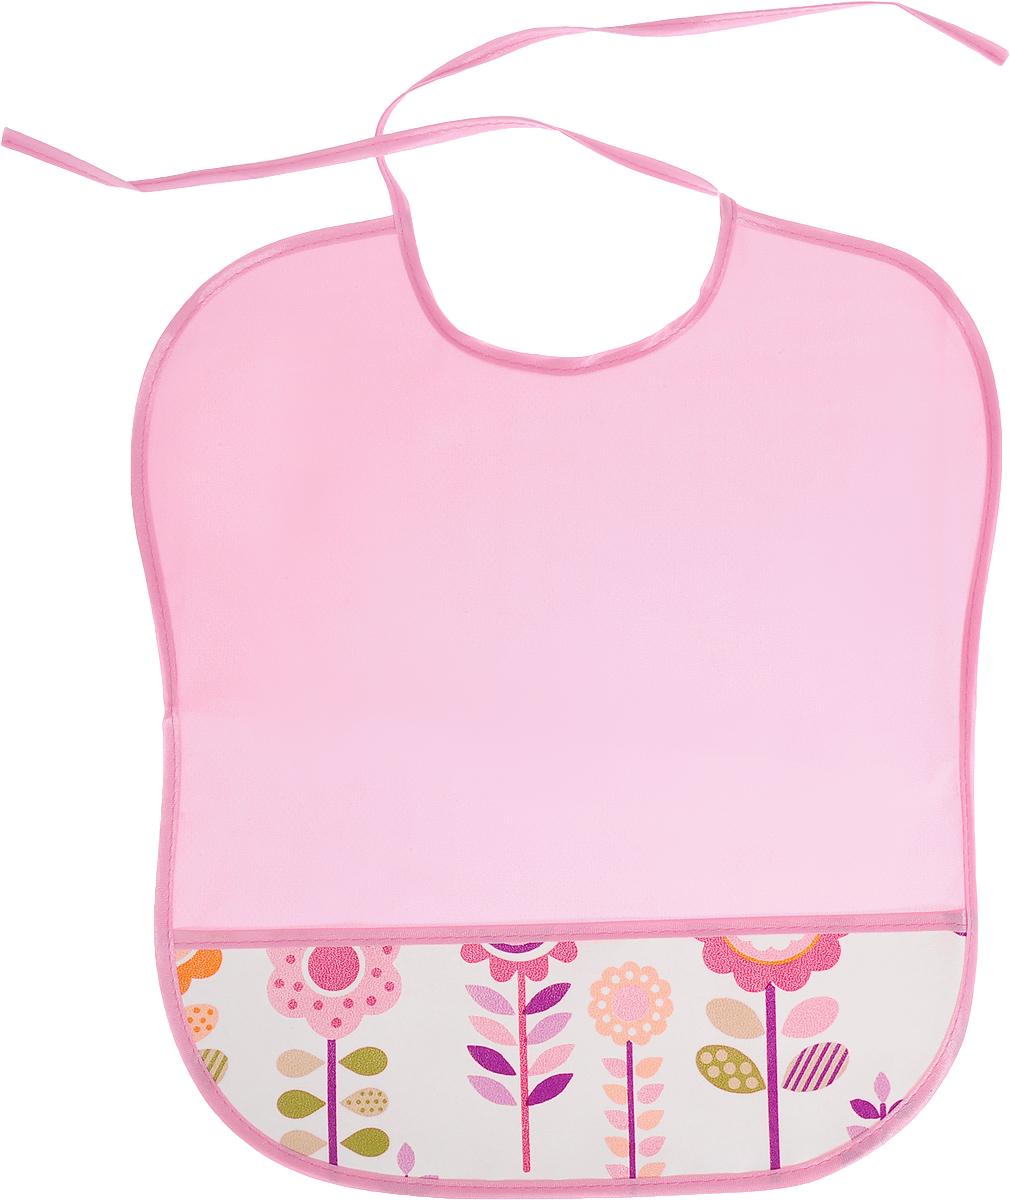 Колорит Нагрудник с карманом Цветы цвет розовый белый 33 х 33 см колорит нагрудник с карманом цвет желтый оранжевый 33 см х 33 см